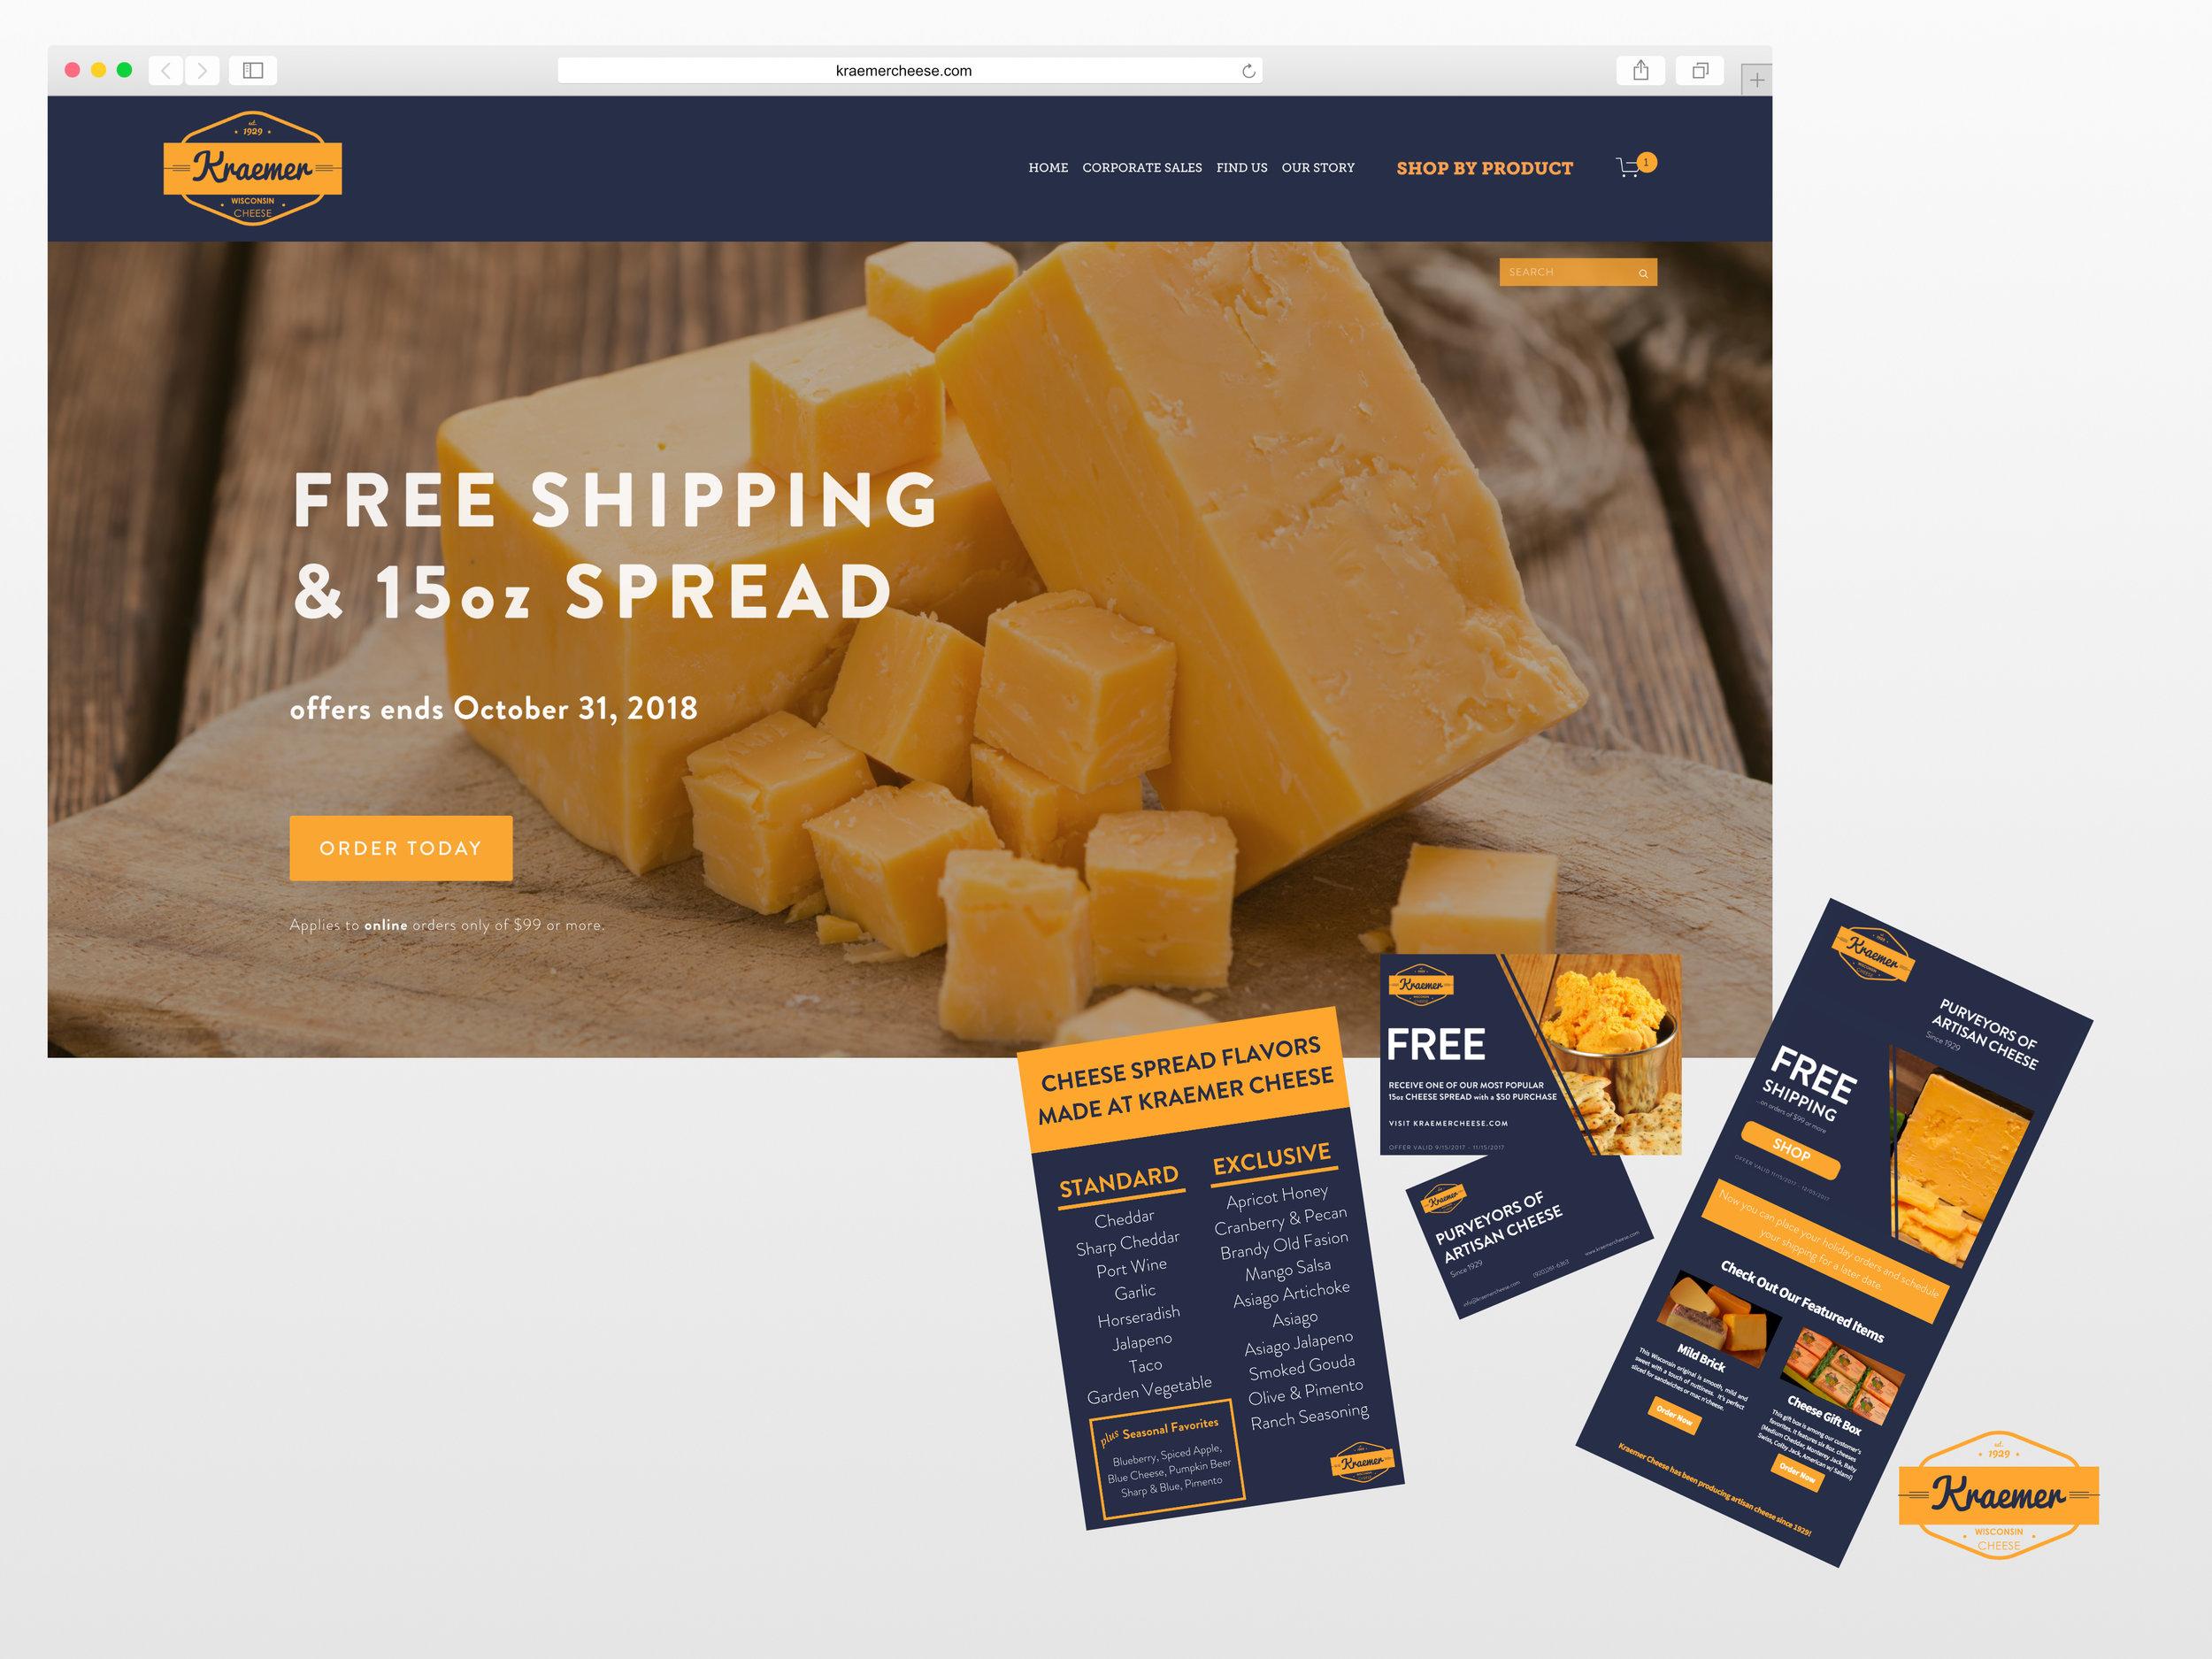 Kraemer's Wisconsin Cheese